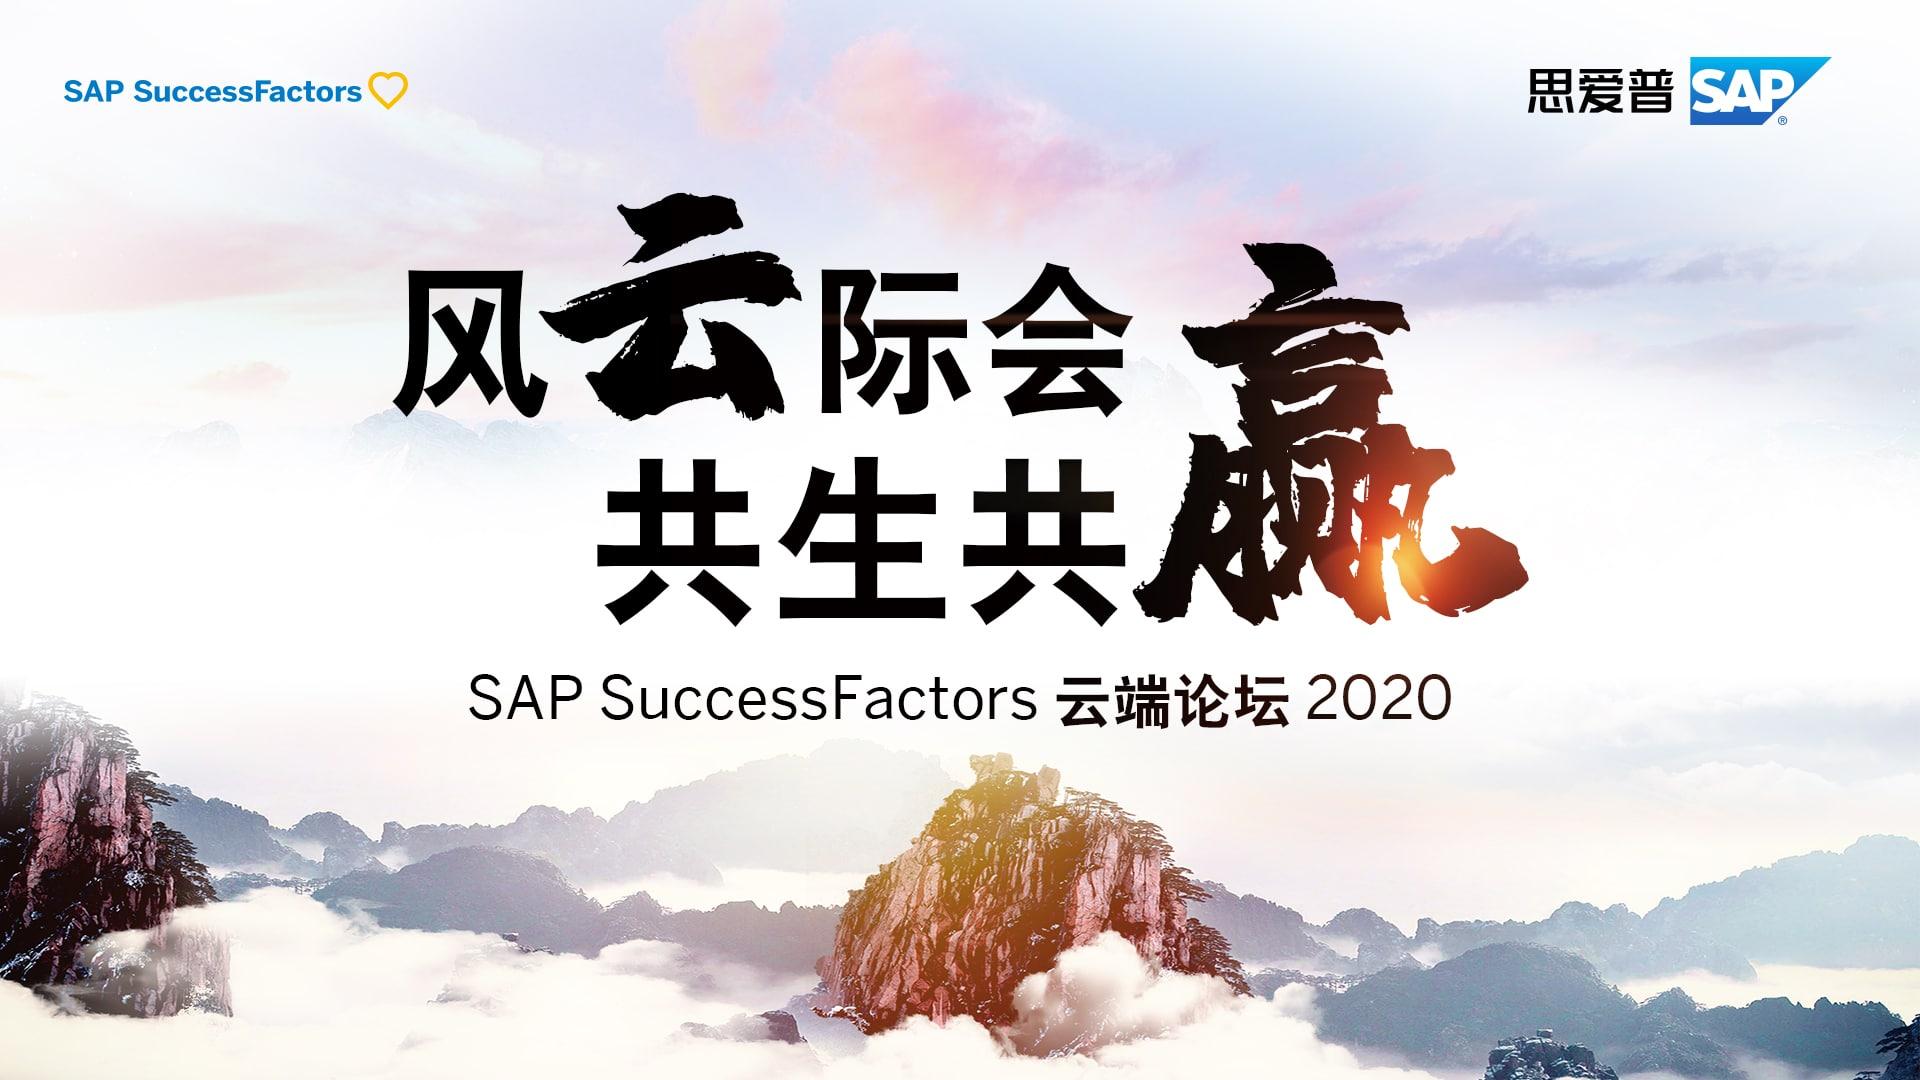 重启增长、共生共赢——SAP SuccessFactors打造韧性人才管理  图1